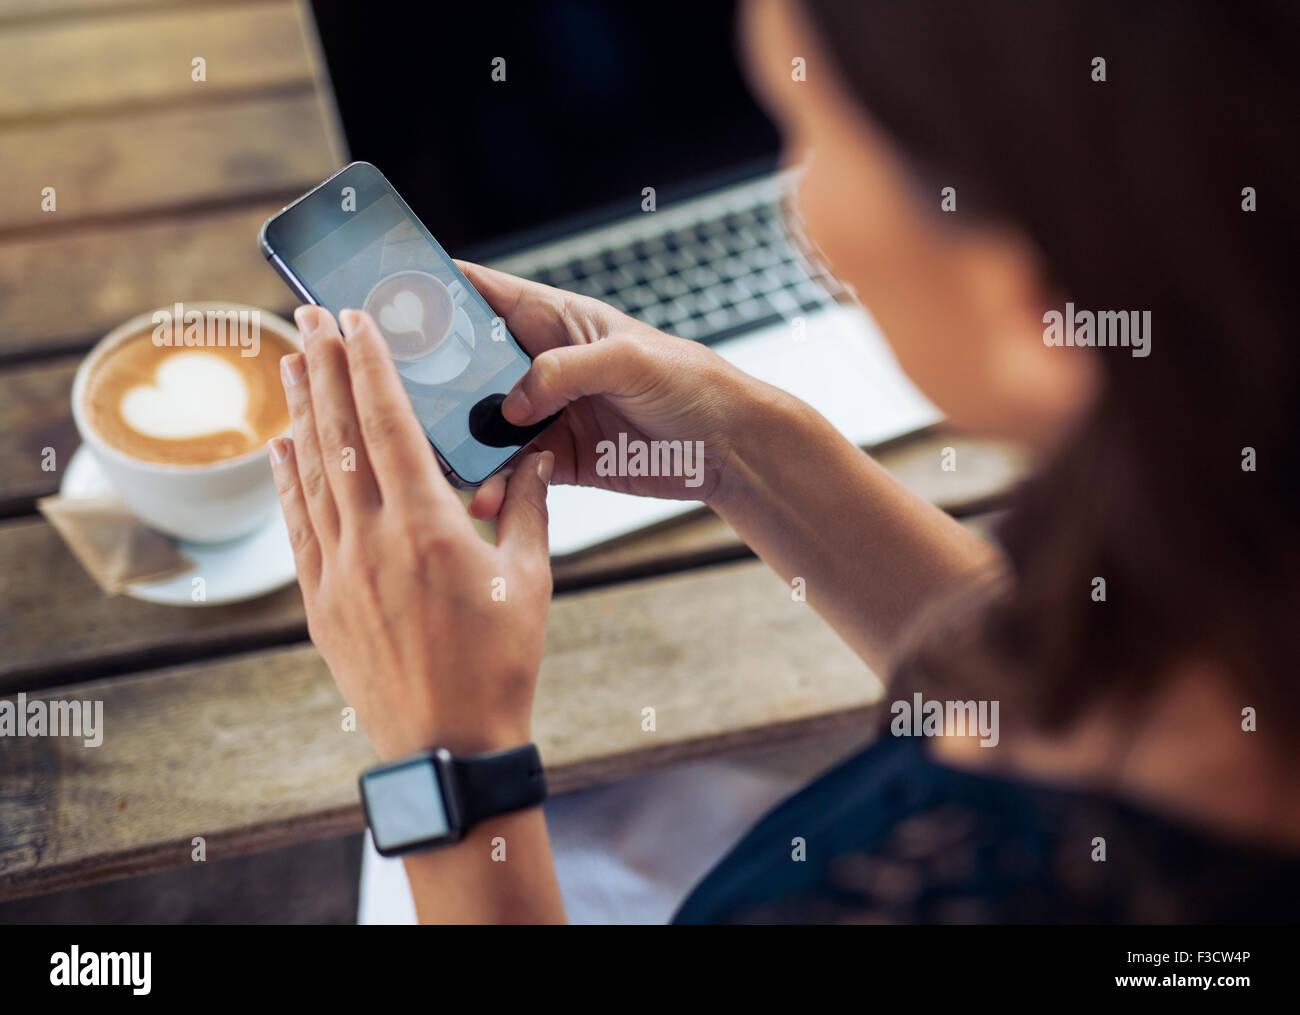 Primer plano de la mujer fotografiando una taza de café con su teléfono móvil mientras está Imagen De Stock